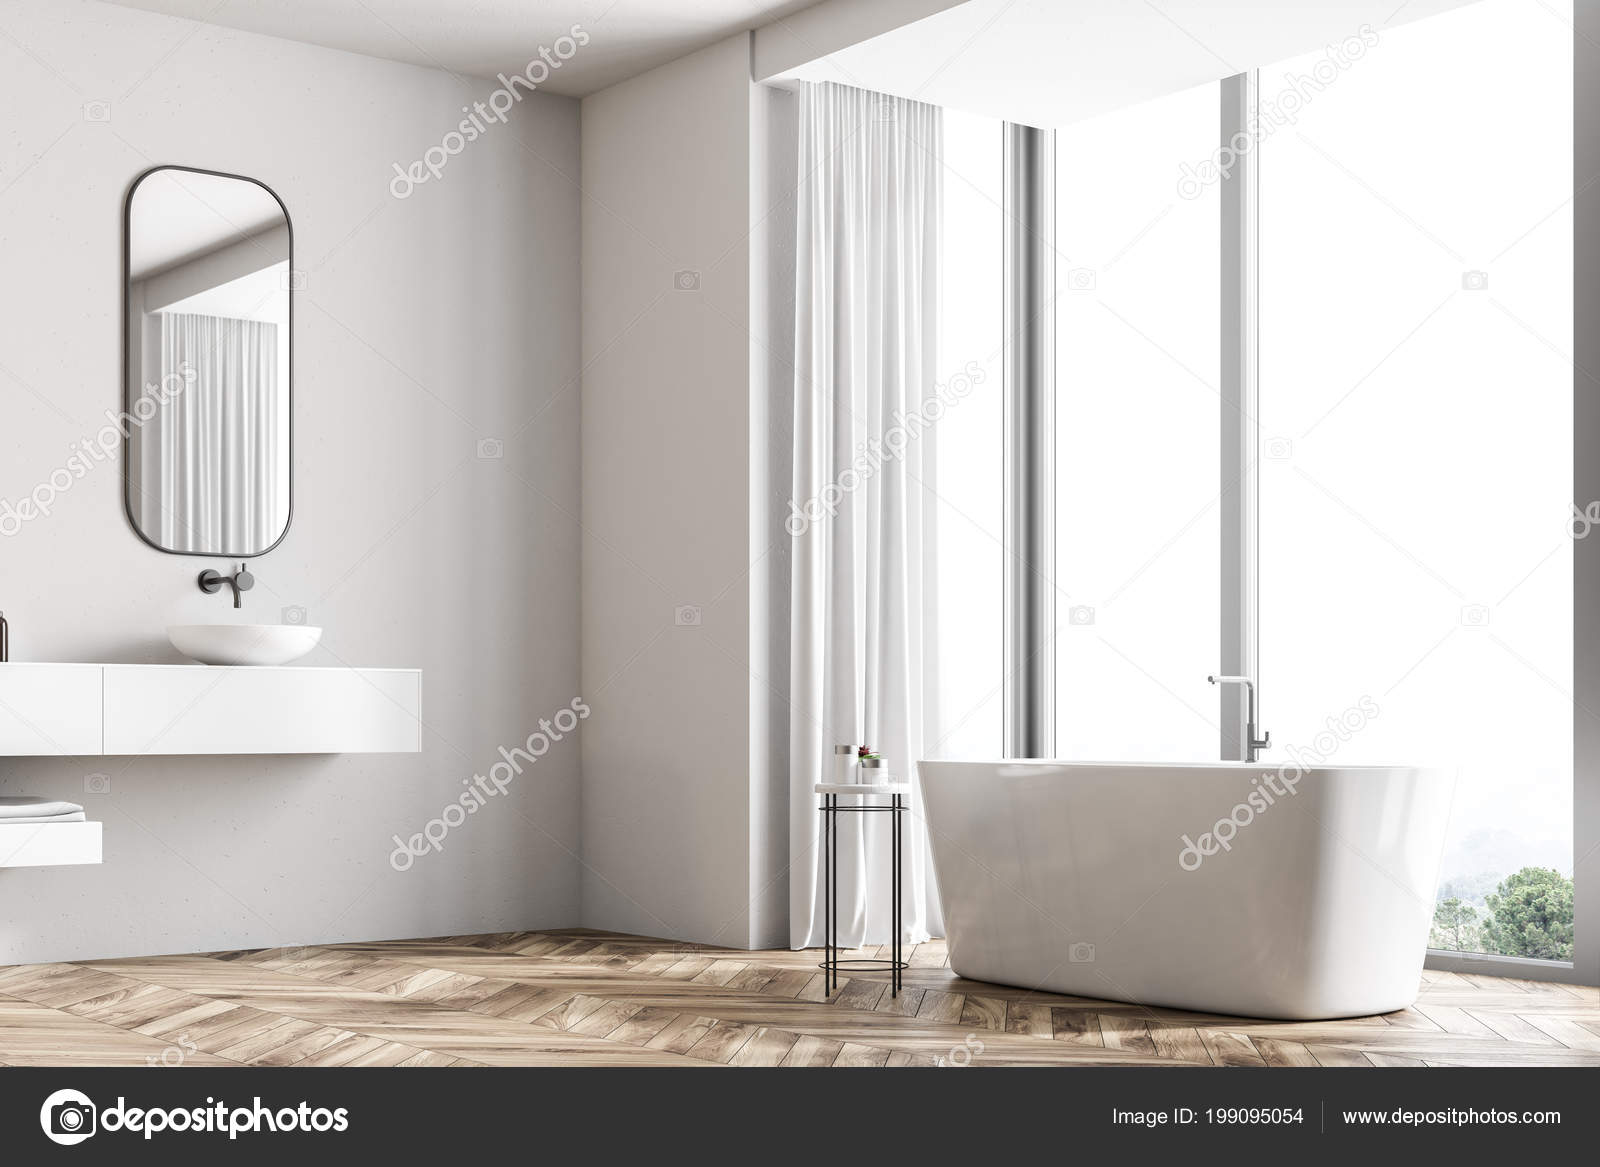 Holzfußboden Bad ~ Bad ecke mit einem holzfußboden ein panoramafenster mit blick auf